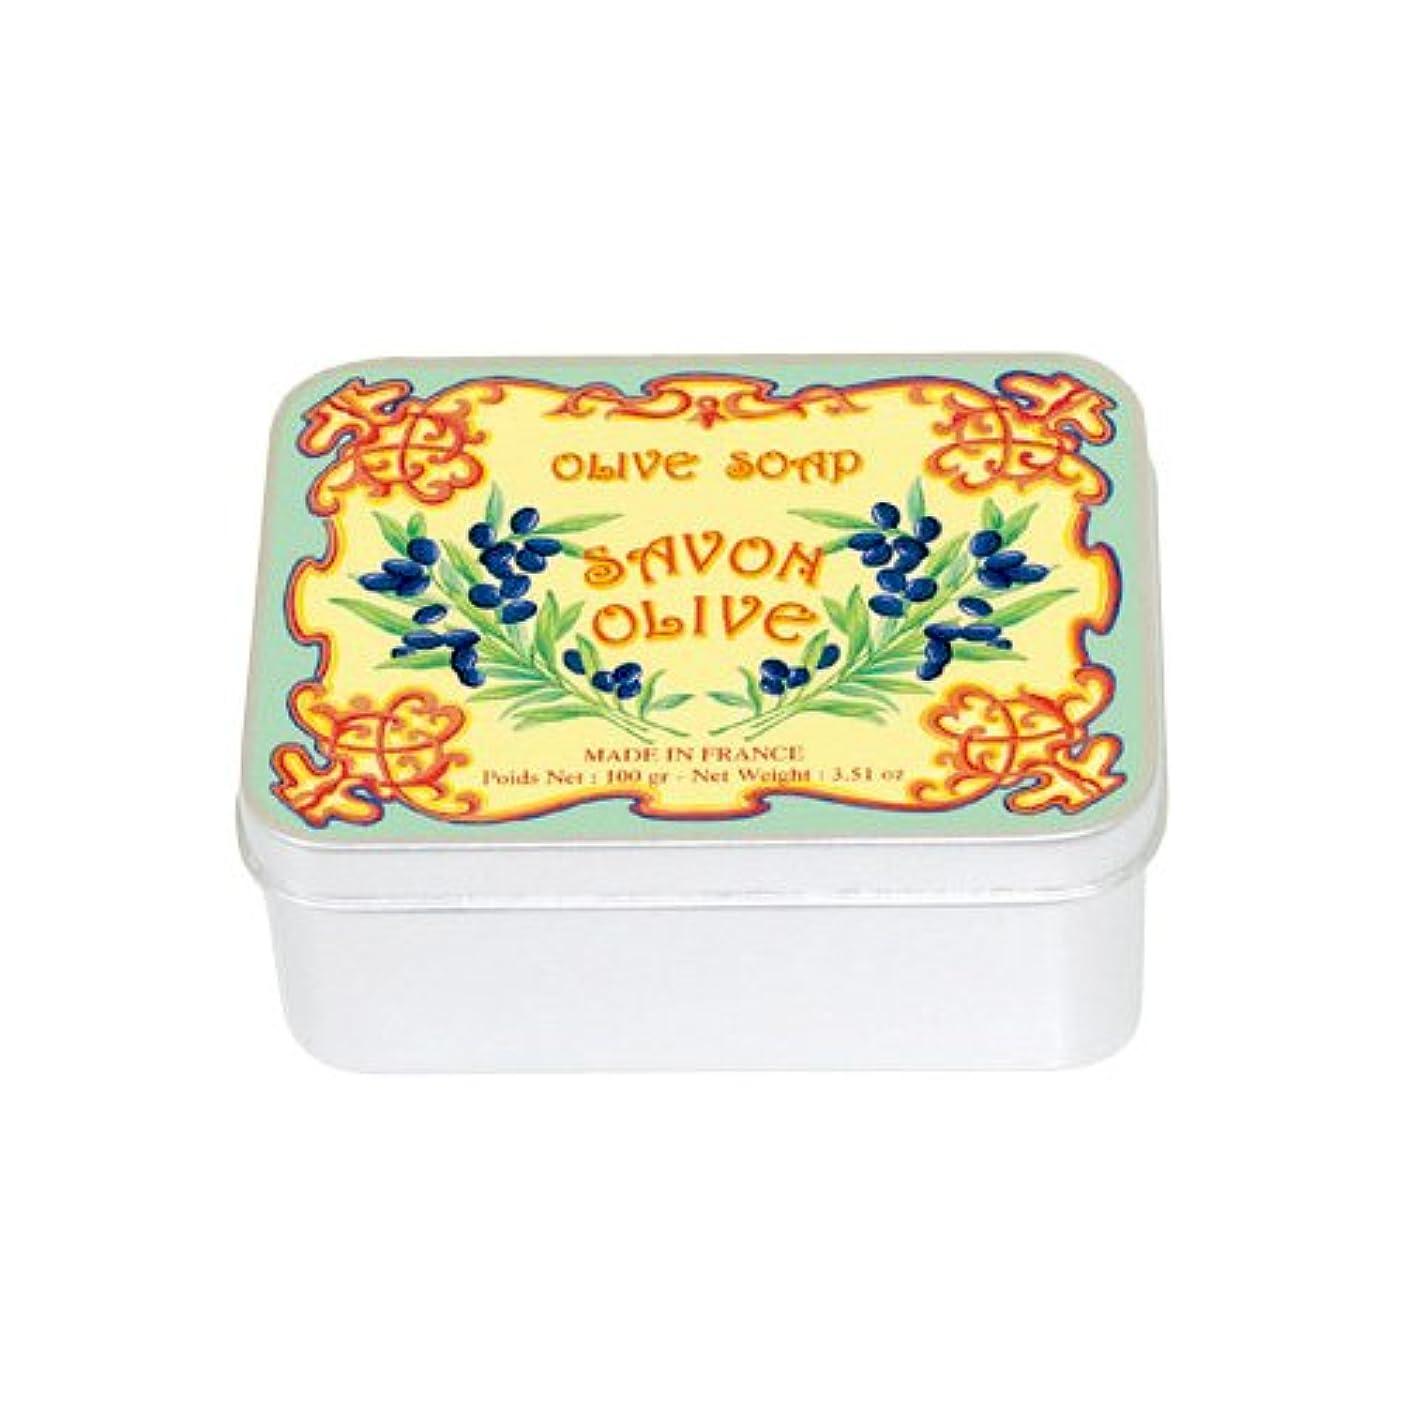 ルブランソープ メタルボックス(オリーブの香り)石鹸